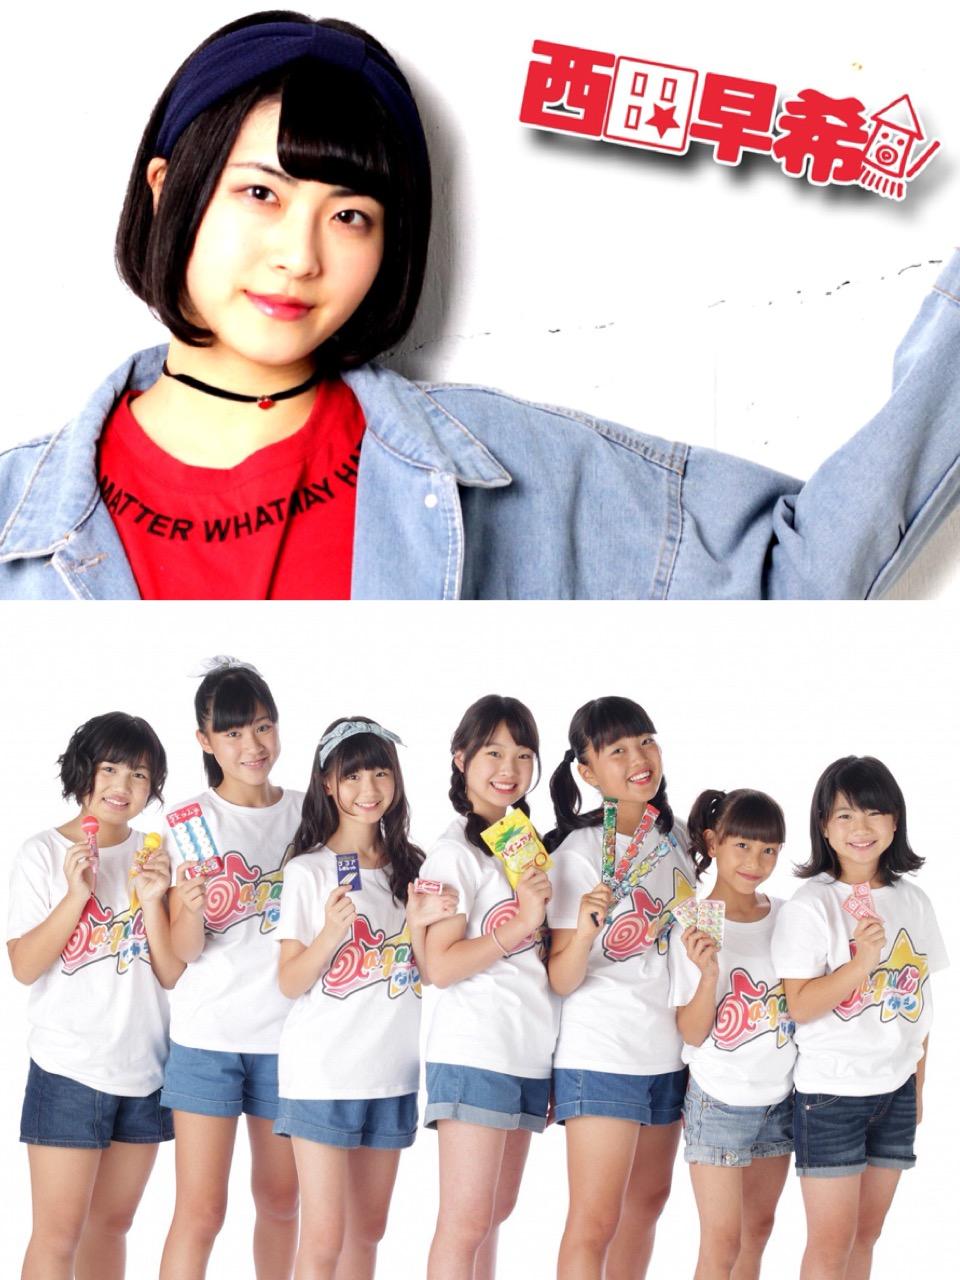 【イベント情報】2019年2月24日(日)da-gashi☆・西田早希 /「Angel Stage Vol.98~NEO BREAK諸富乃彩生誕SP~」